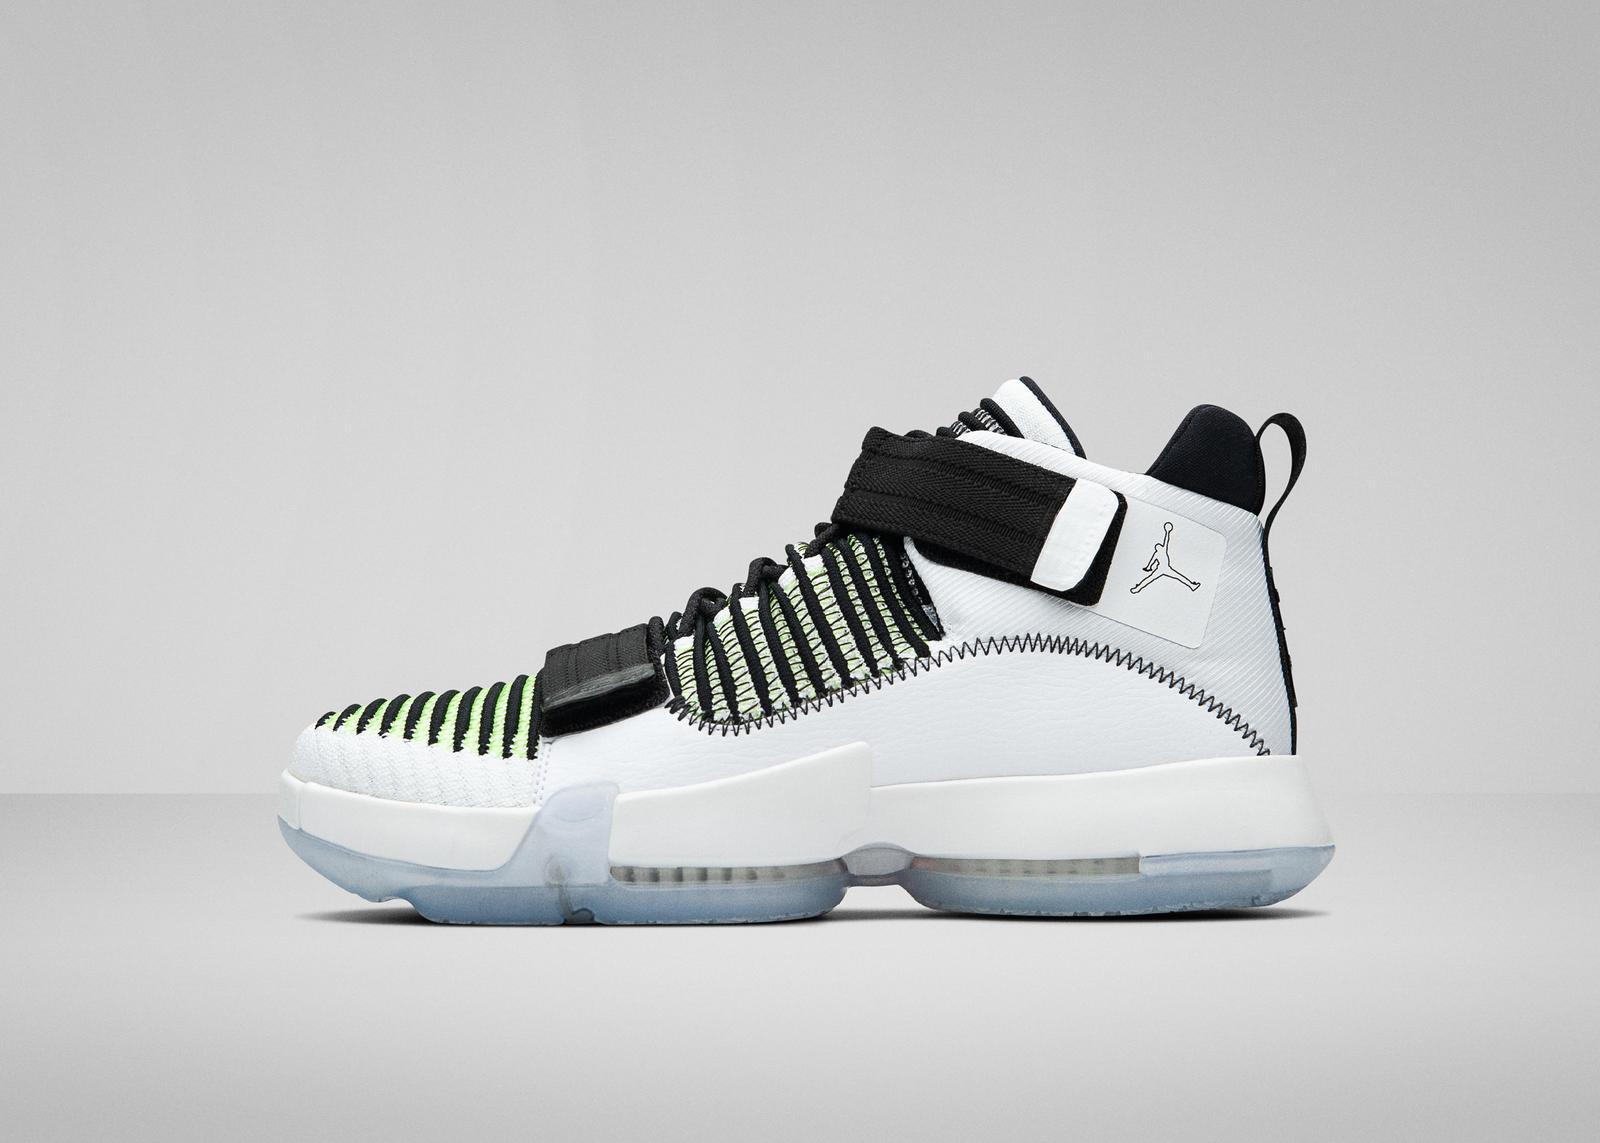 3bf4897d3a3 Jimmy Butler Jordan Supreme Elevation - Nike News